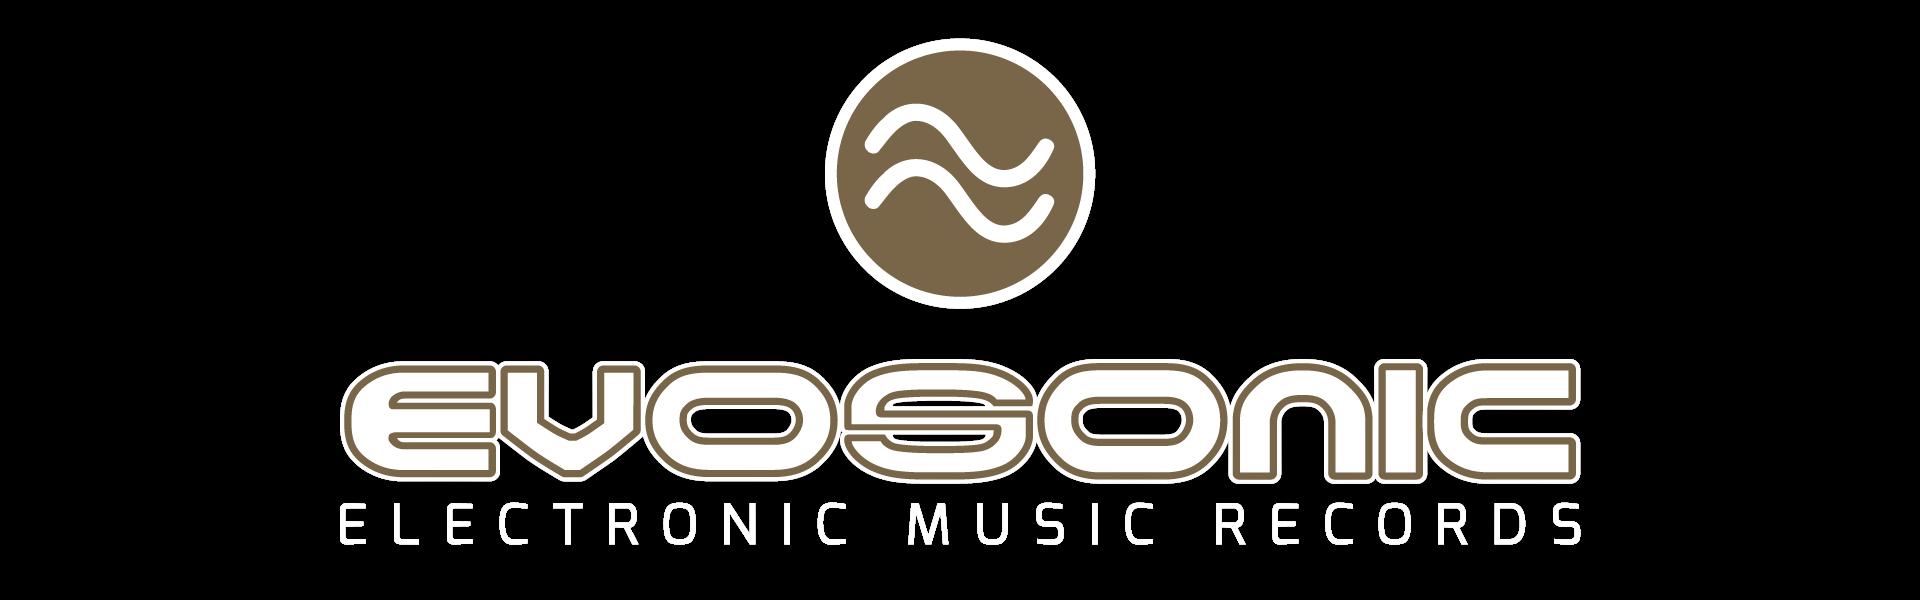 Evosonic-Records